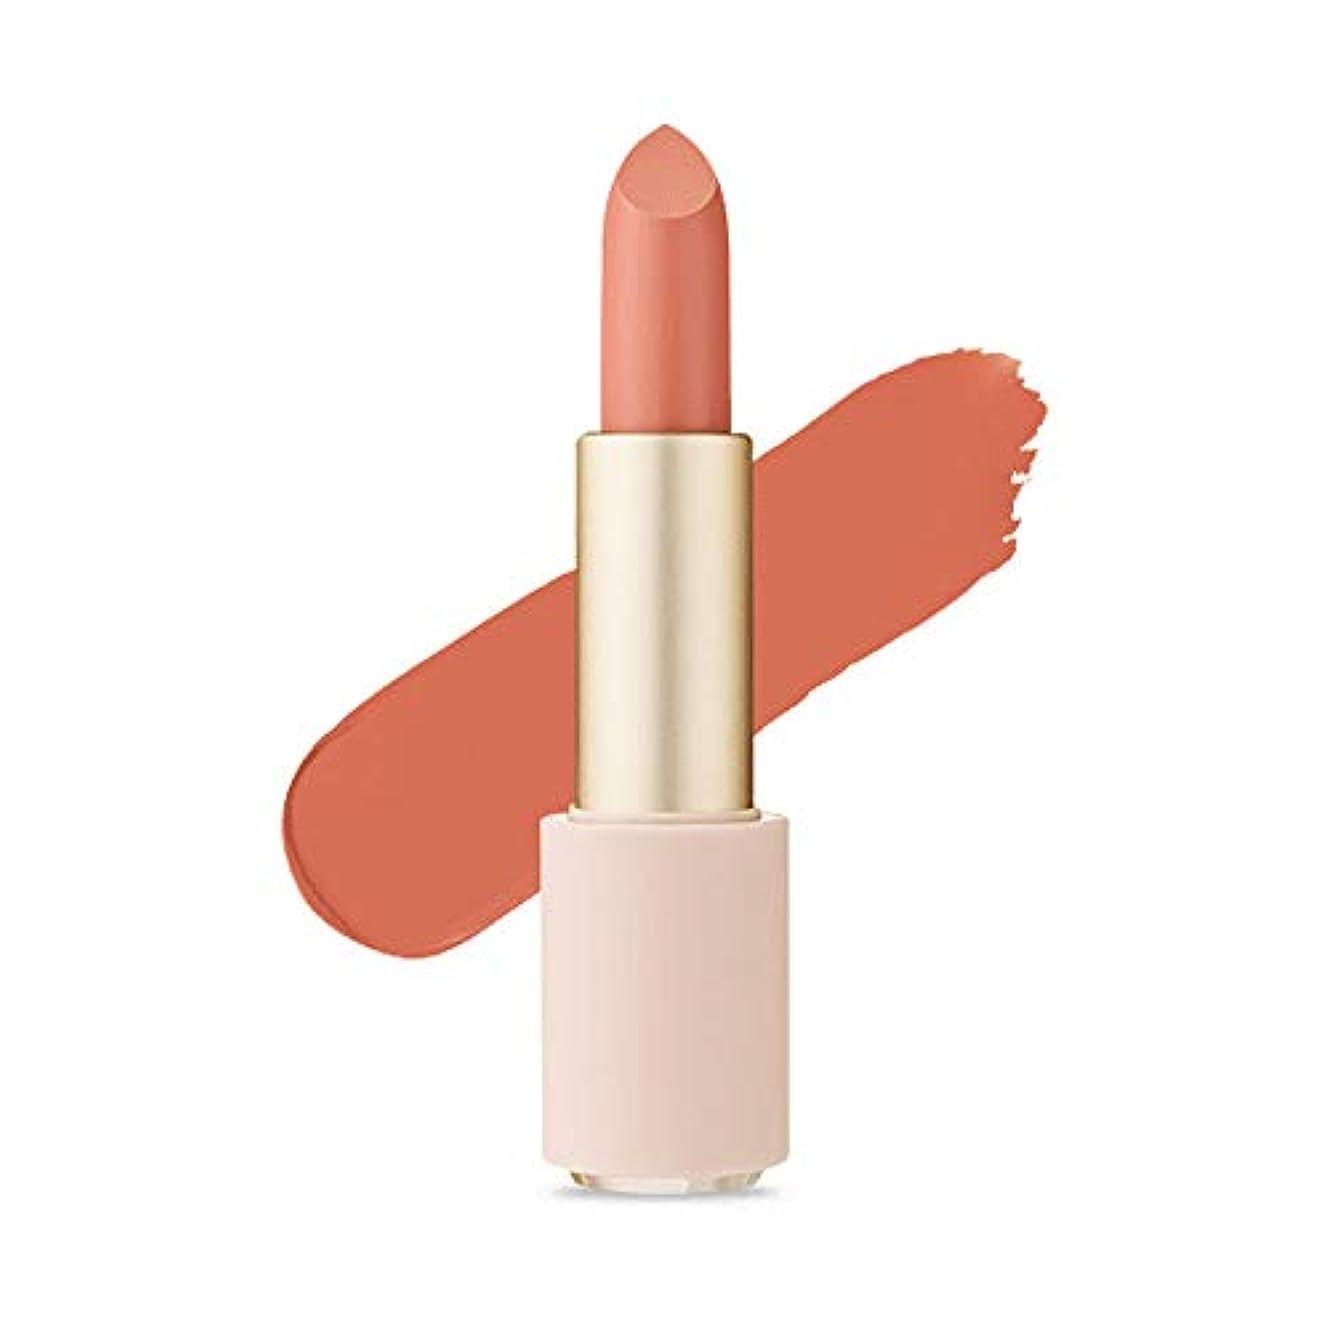 基本的な宅配便支払うEtude House Better Lips Talk Velvet エチュードハウス ベター リップス - トーク ベルベット (# BE103 Kinda Nude) [並行輸入品]